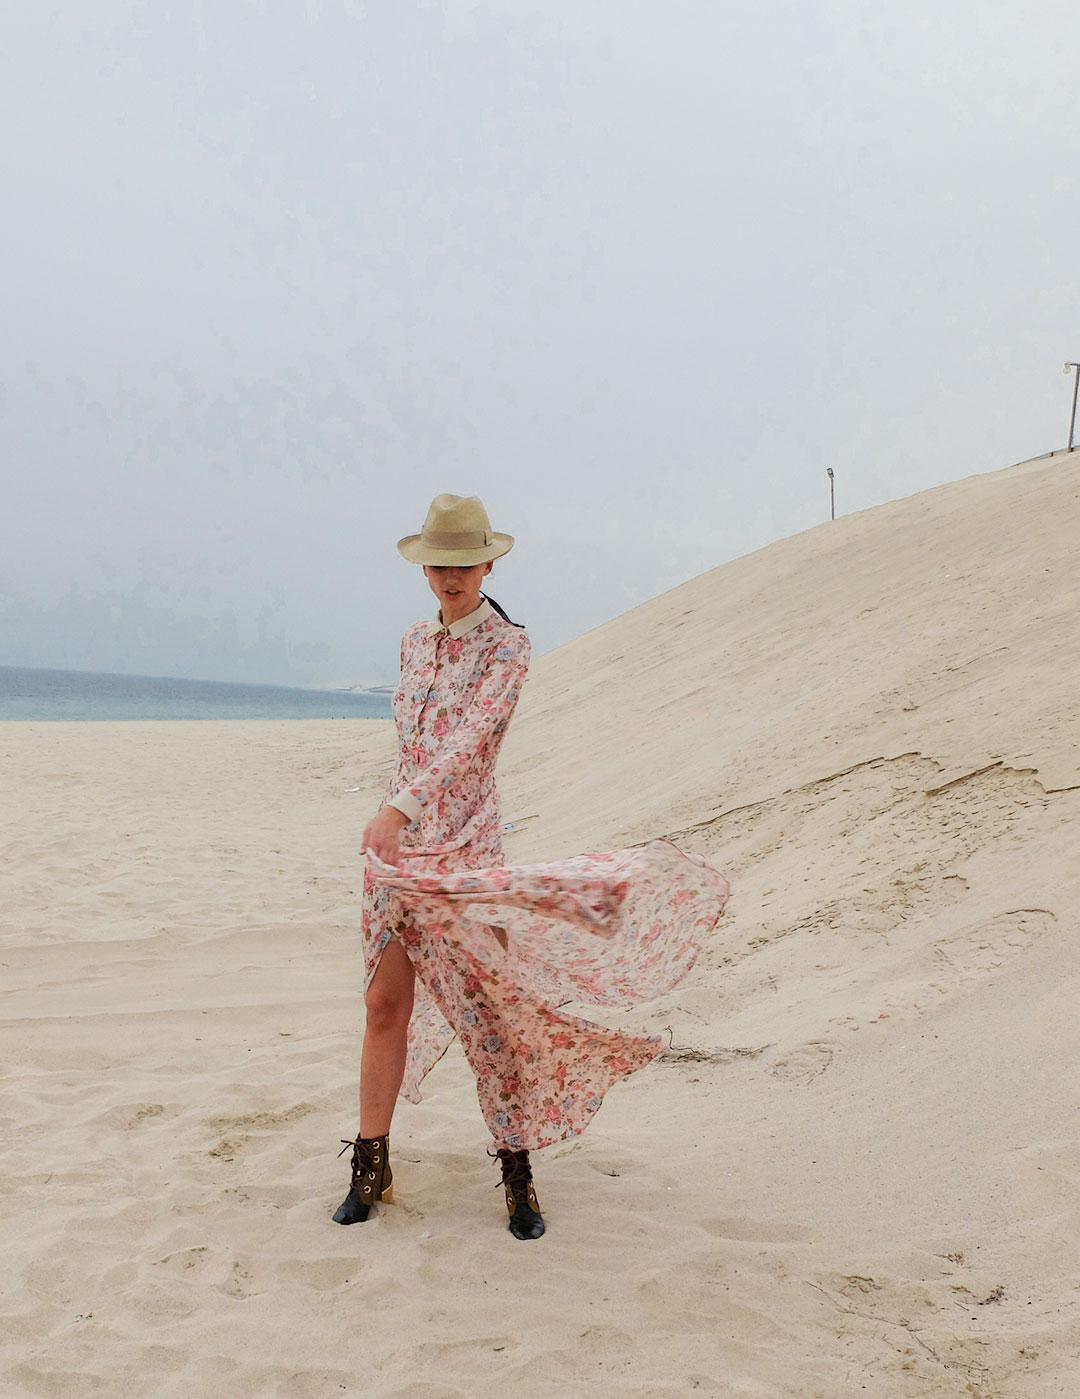 la-reina-del-desierto-mitmeblog-01